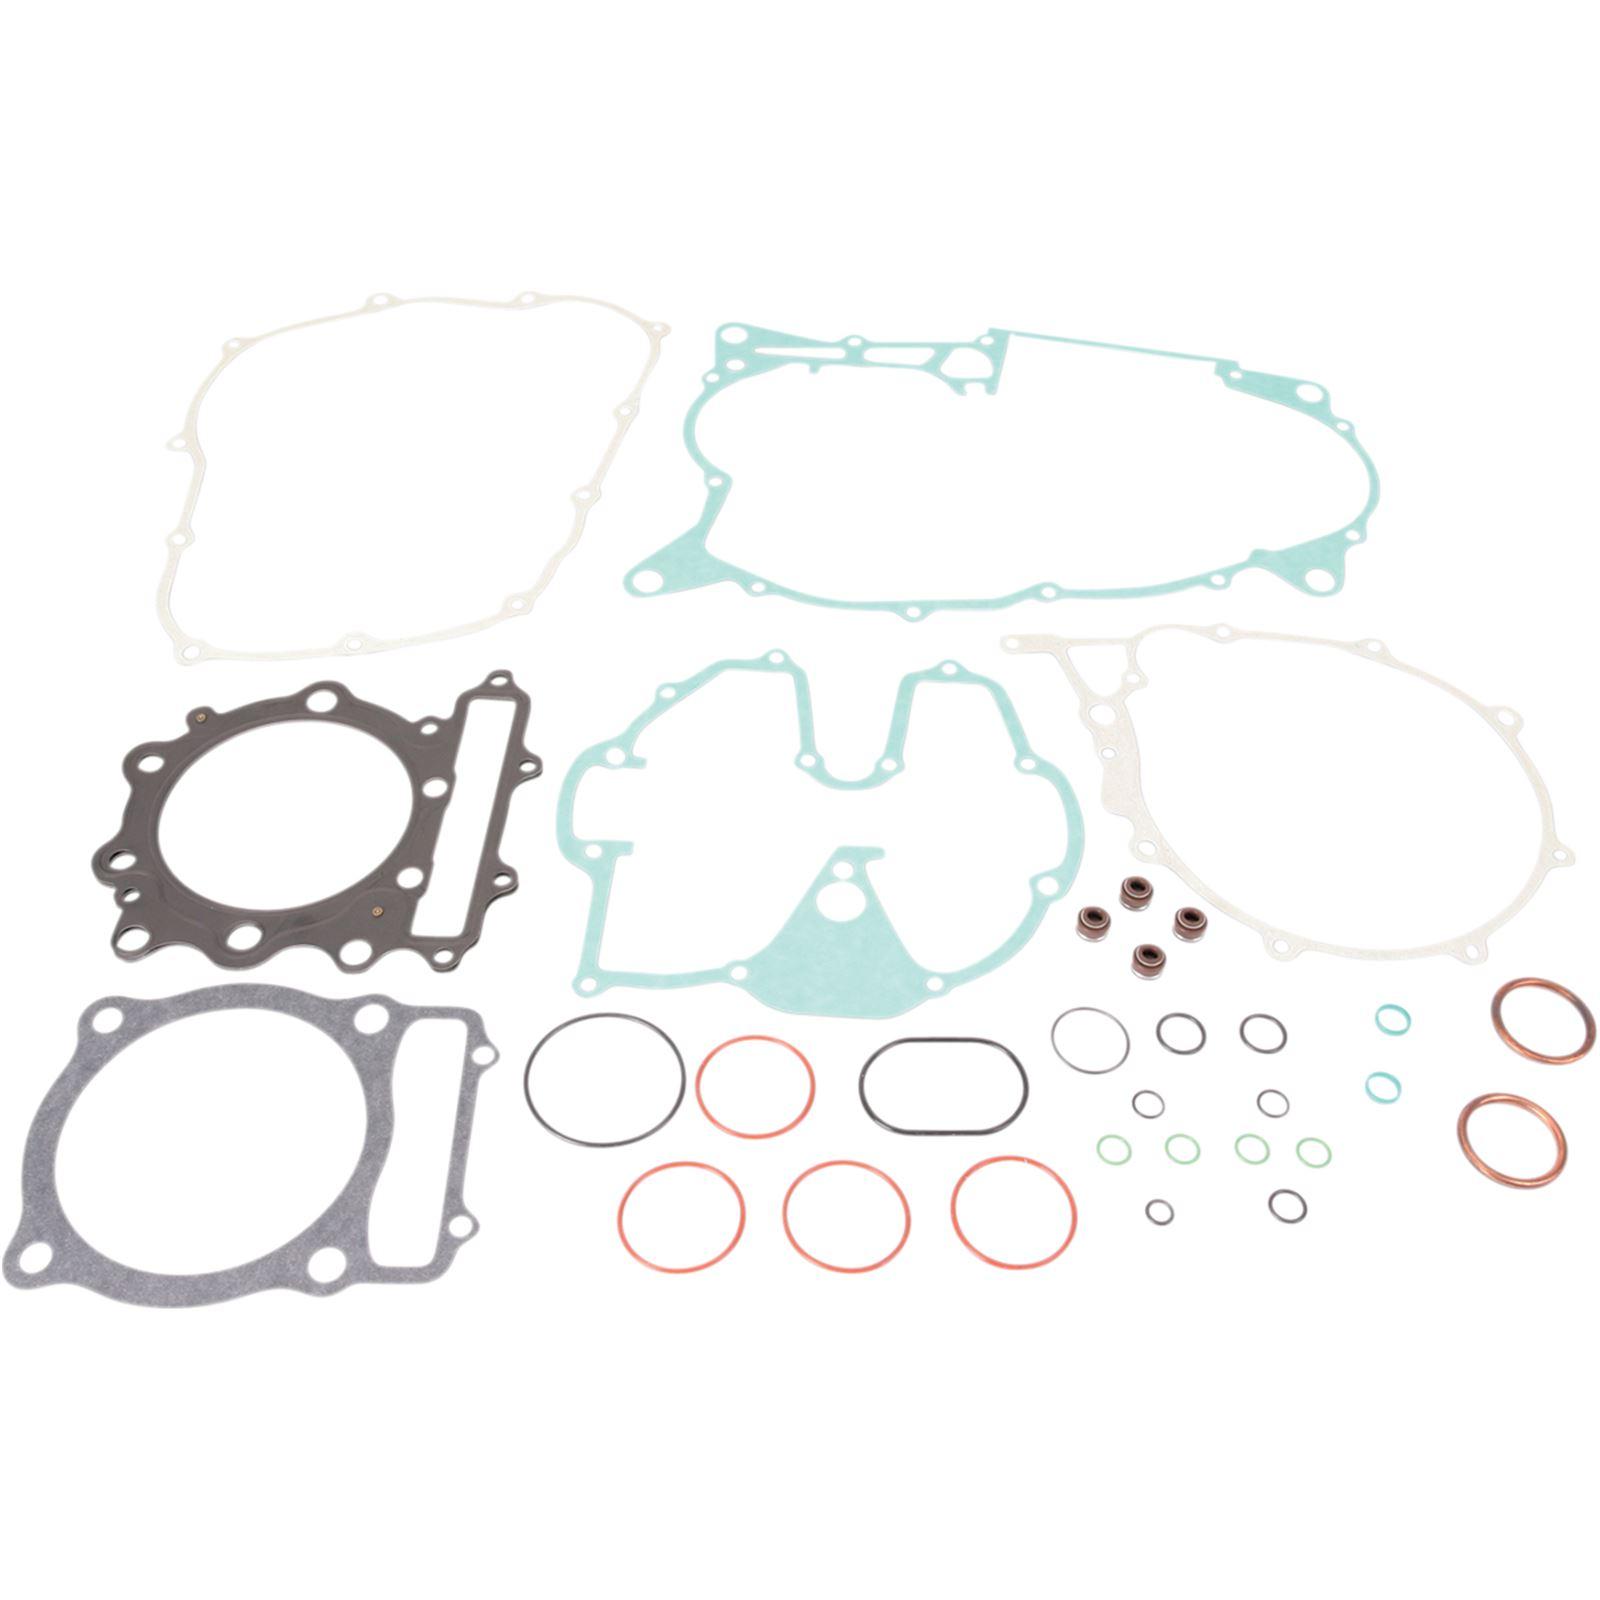 Moose Racing Complete Motor Gasket Kit MSE XR650L